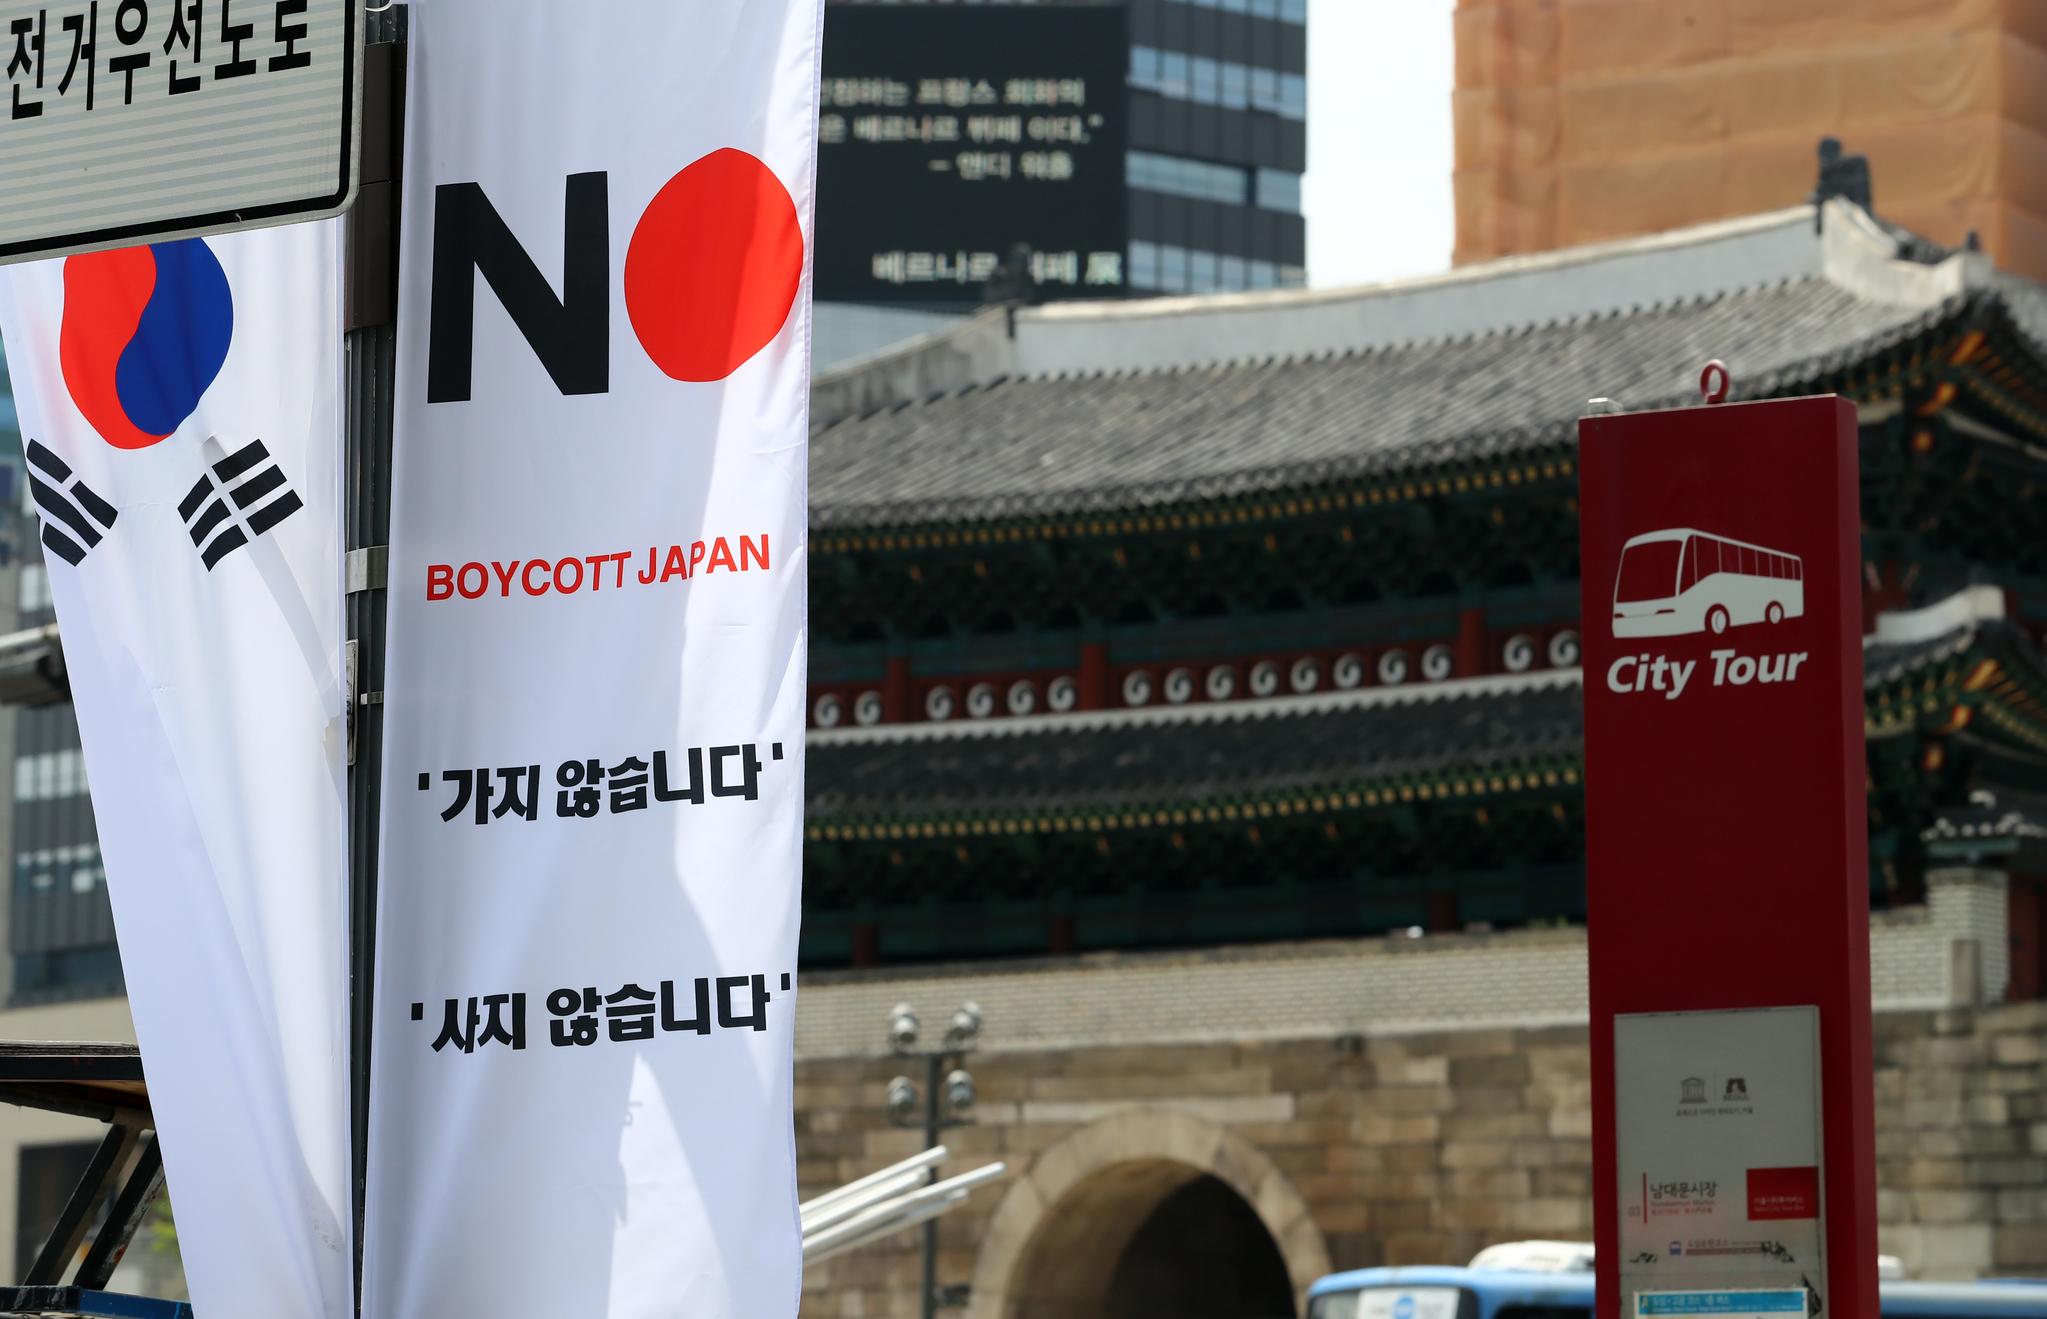 6일 오전 서울 중구 남대문 앞에서 서울 중구청 관계자가 일본이 백색국가(화이트리스트)에서 한국을 제외한 것에 대한 항의의 뜻으로 '노(보이콧) 재팬', '가지 않습니다', '사지 않습니다'라고 적힌 배너기를 설치하고 있다. [연합뉴스]